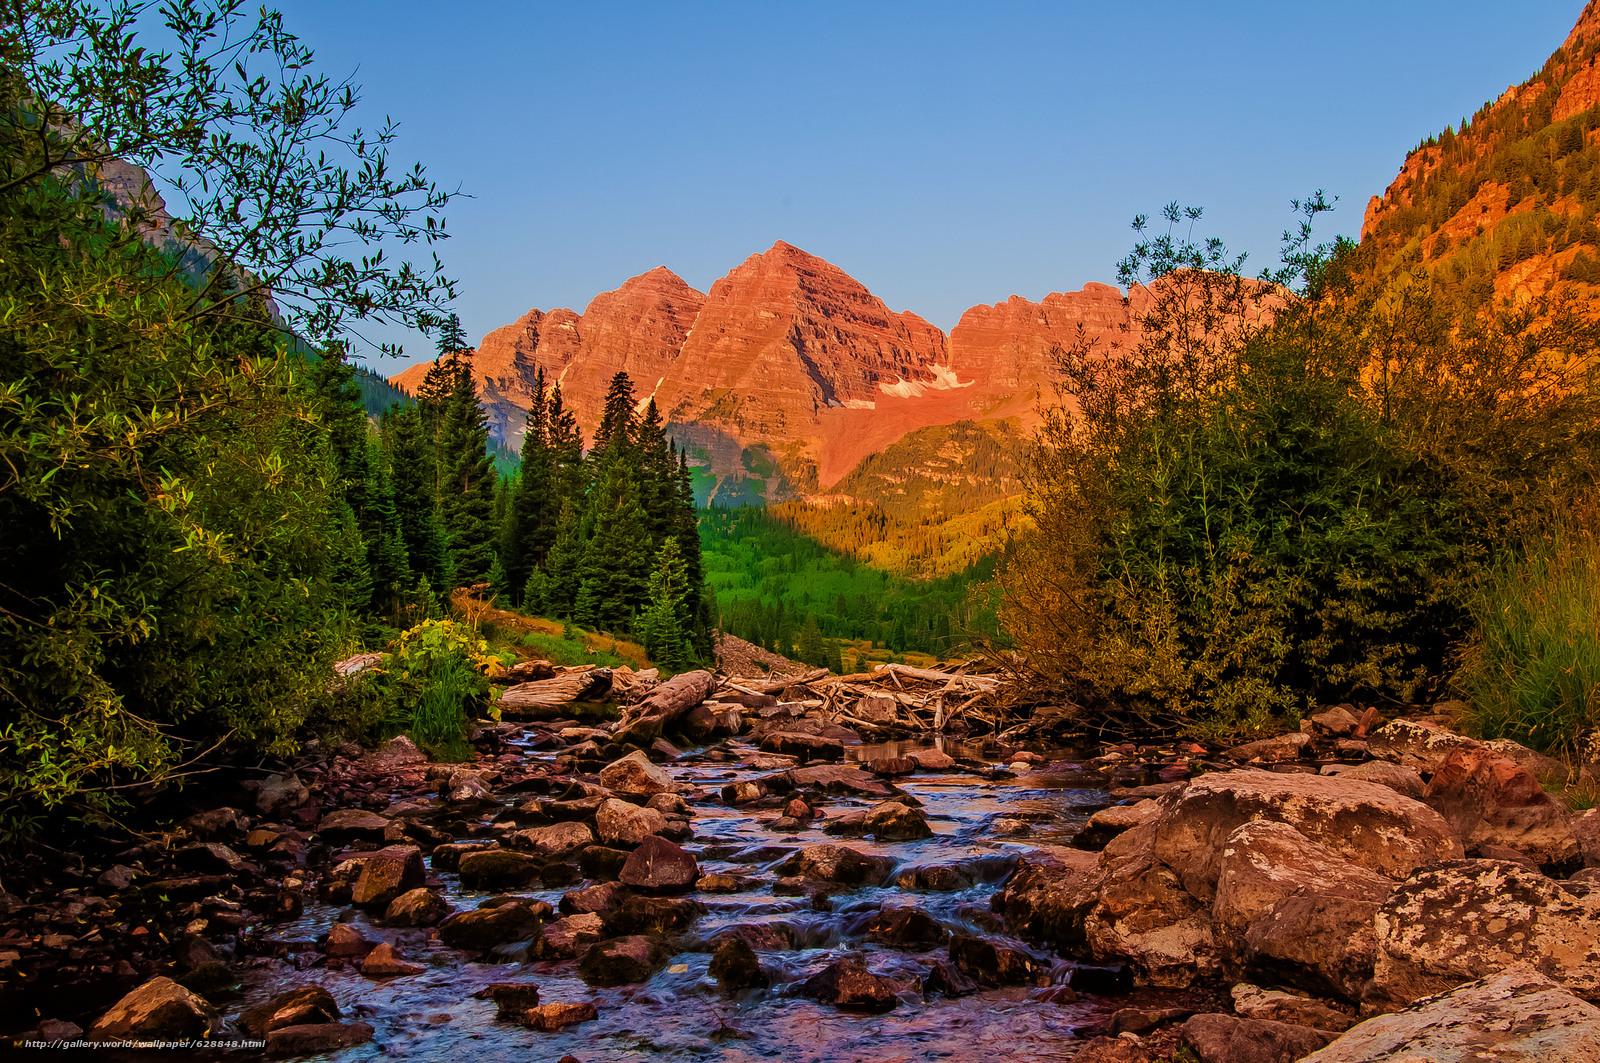 деревья, камни, горы, пейзаж, река, штат Колорадо